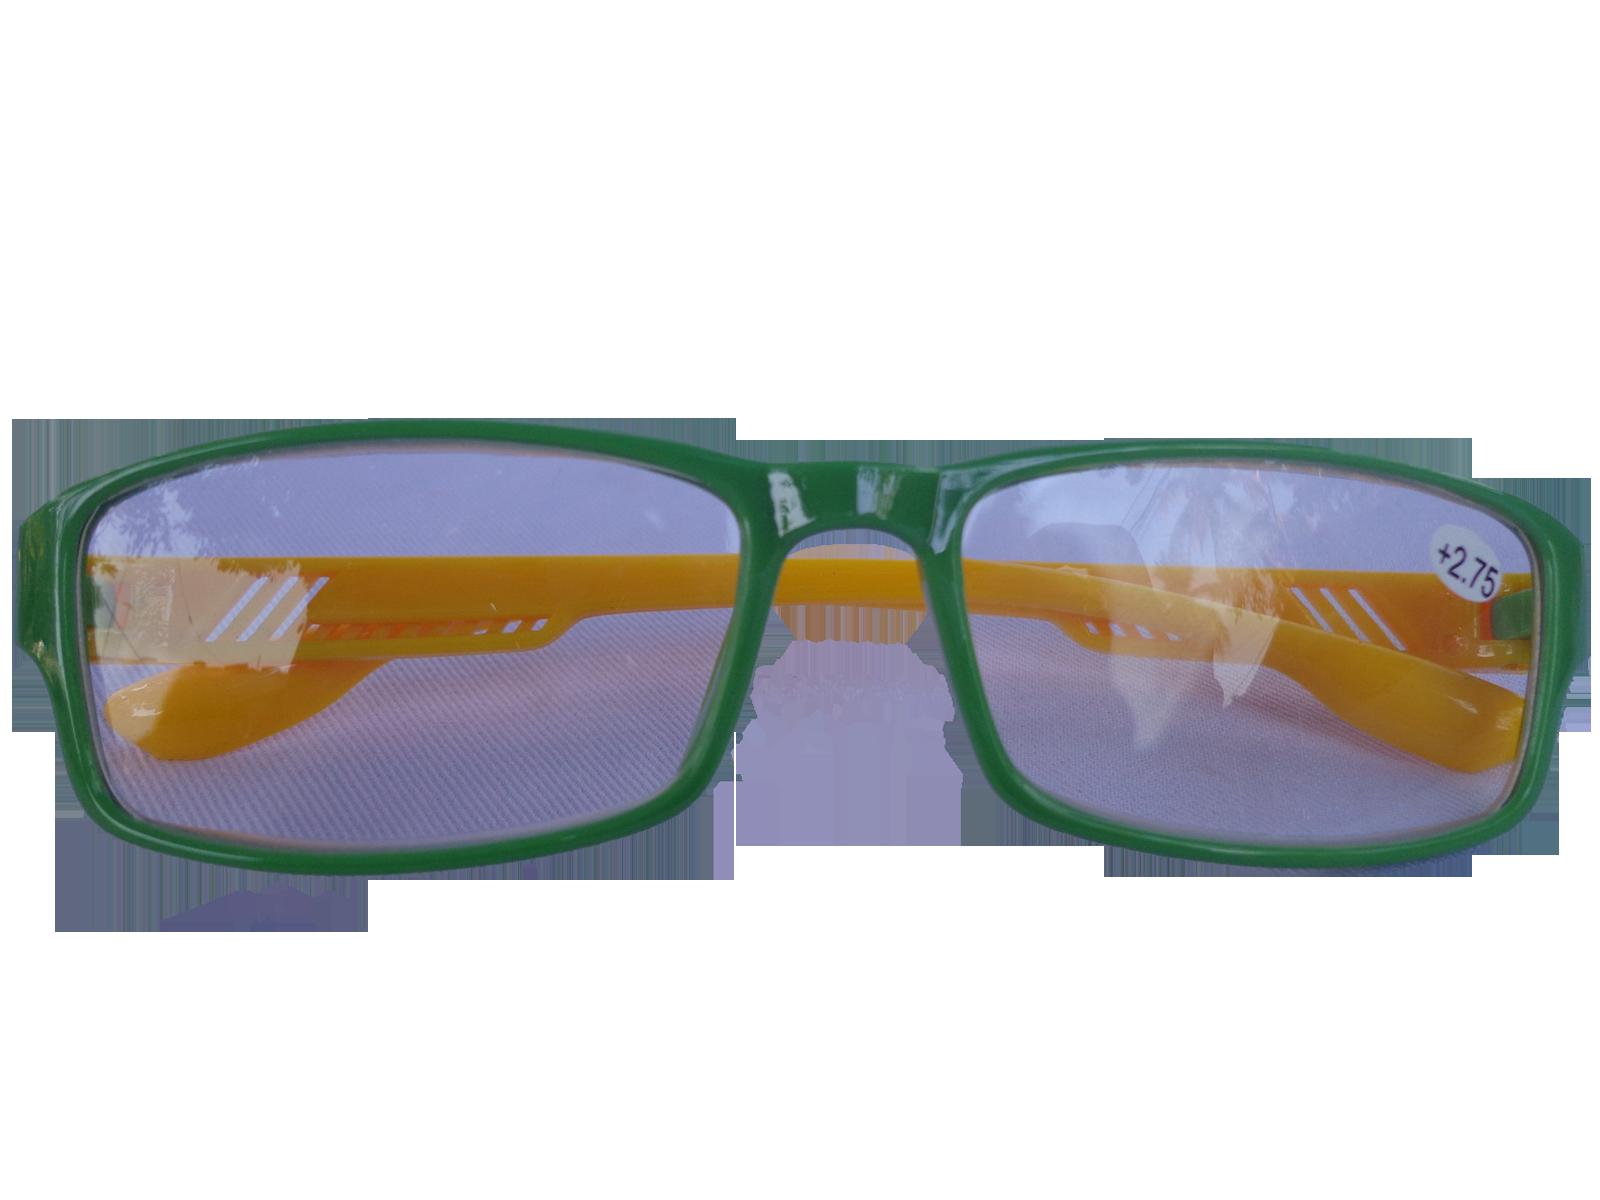 แว่นสายตาแฟชั่น (D+2.75)